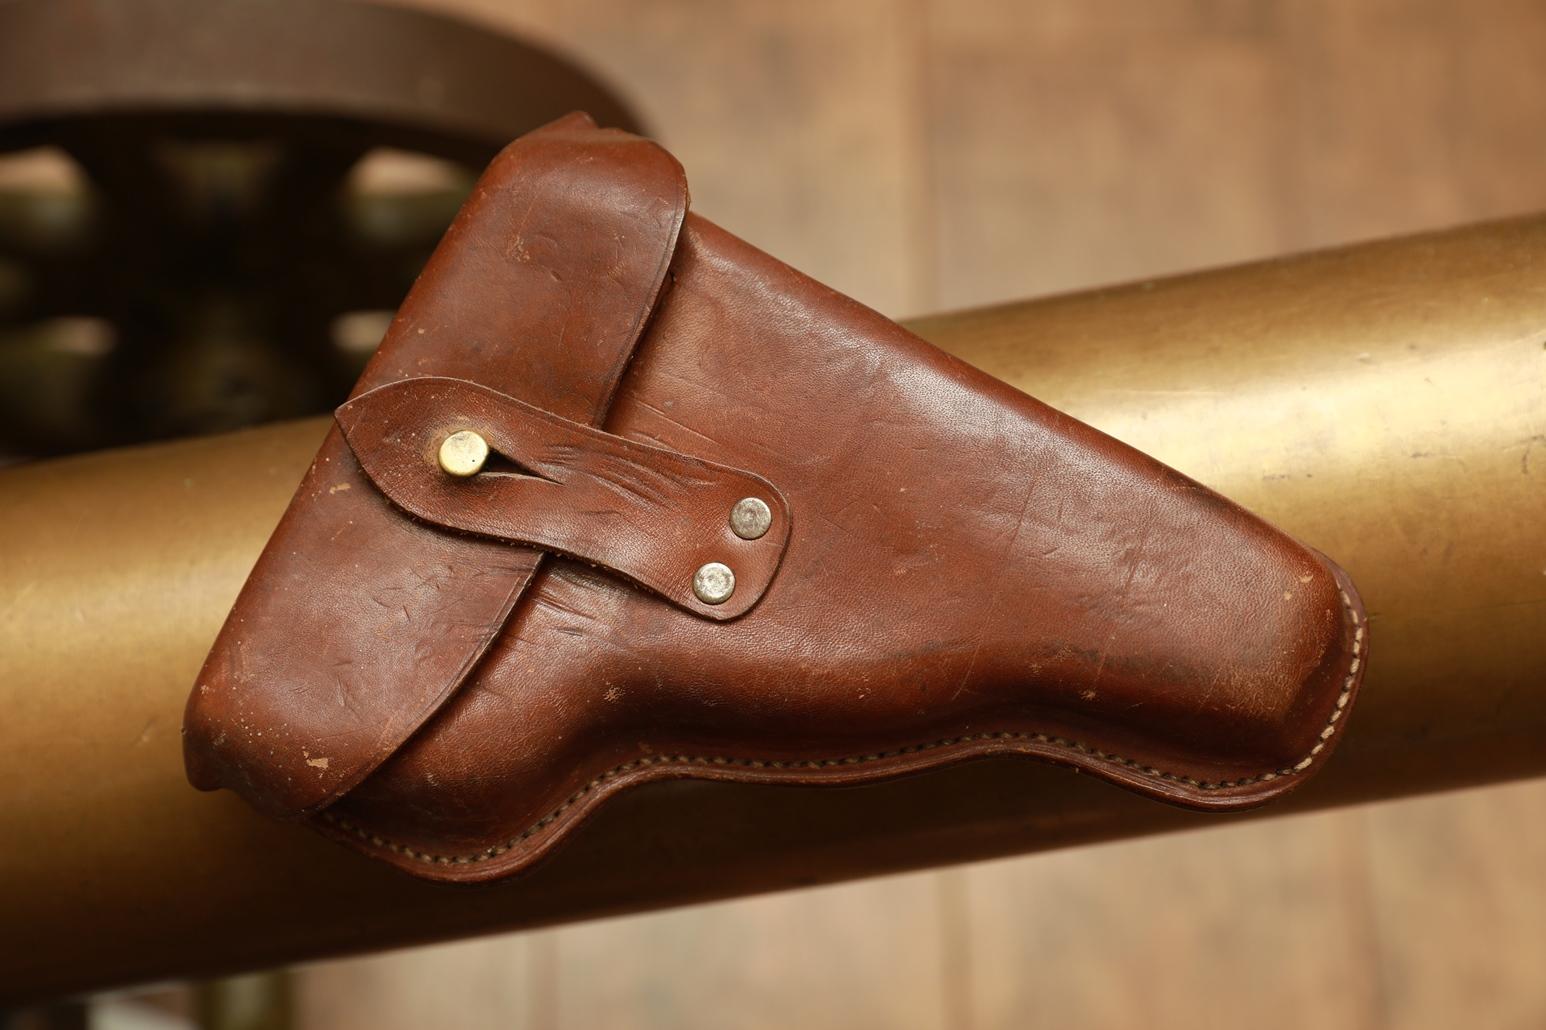 Фото Советская чемоданная кобура к пистолету Mauser m1910/1914/1934, 1920-е годы